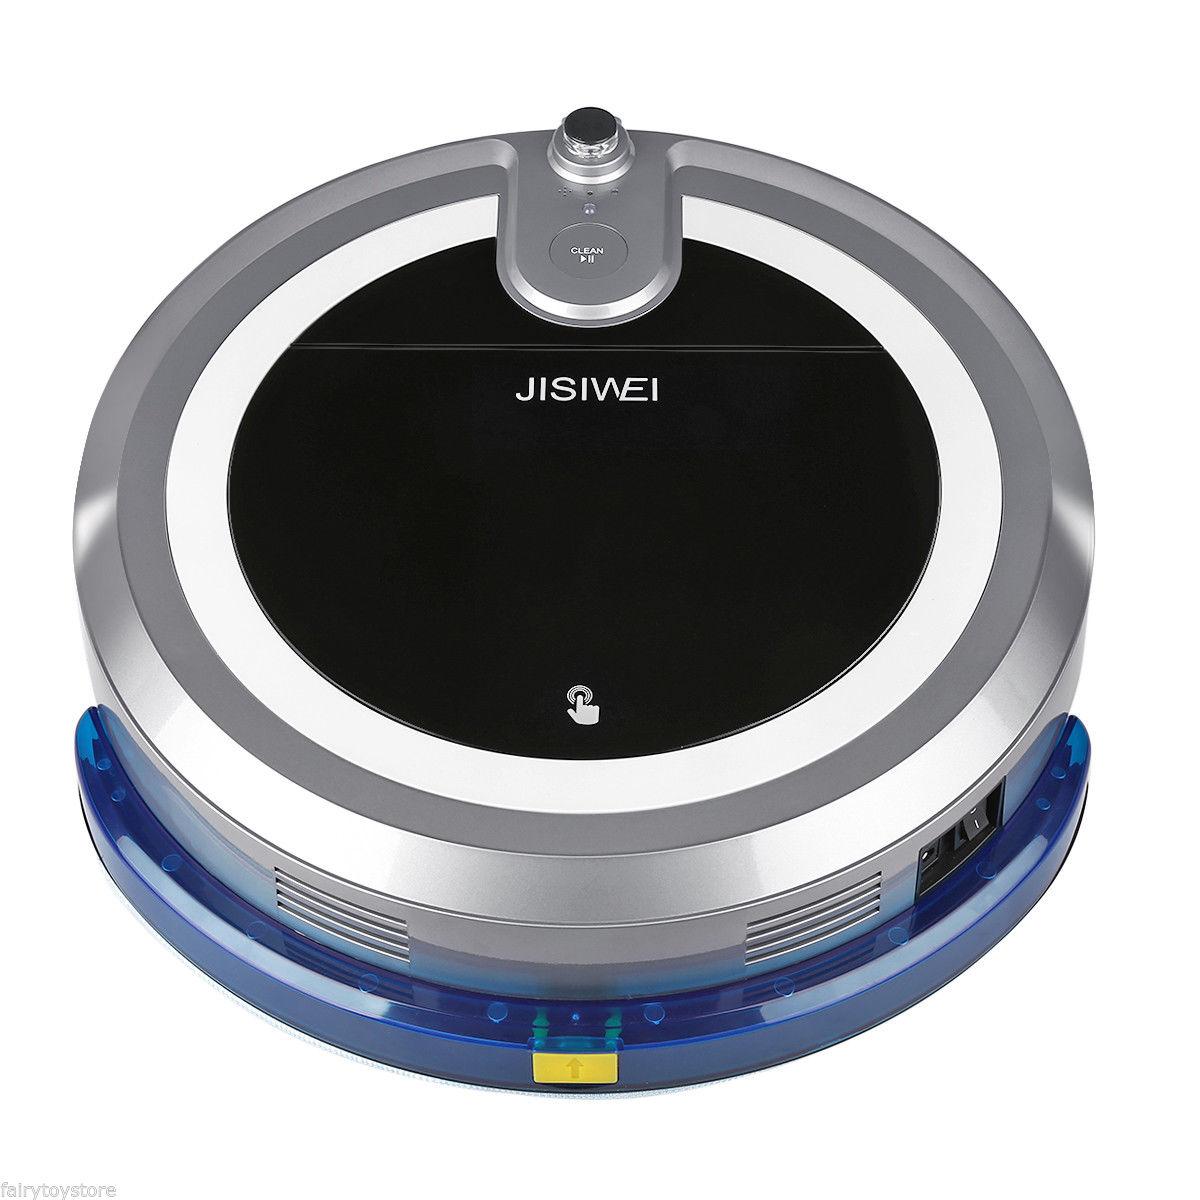 Robot Jisiwei aspirador con agua solo 43€